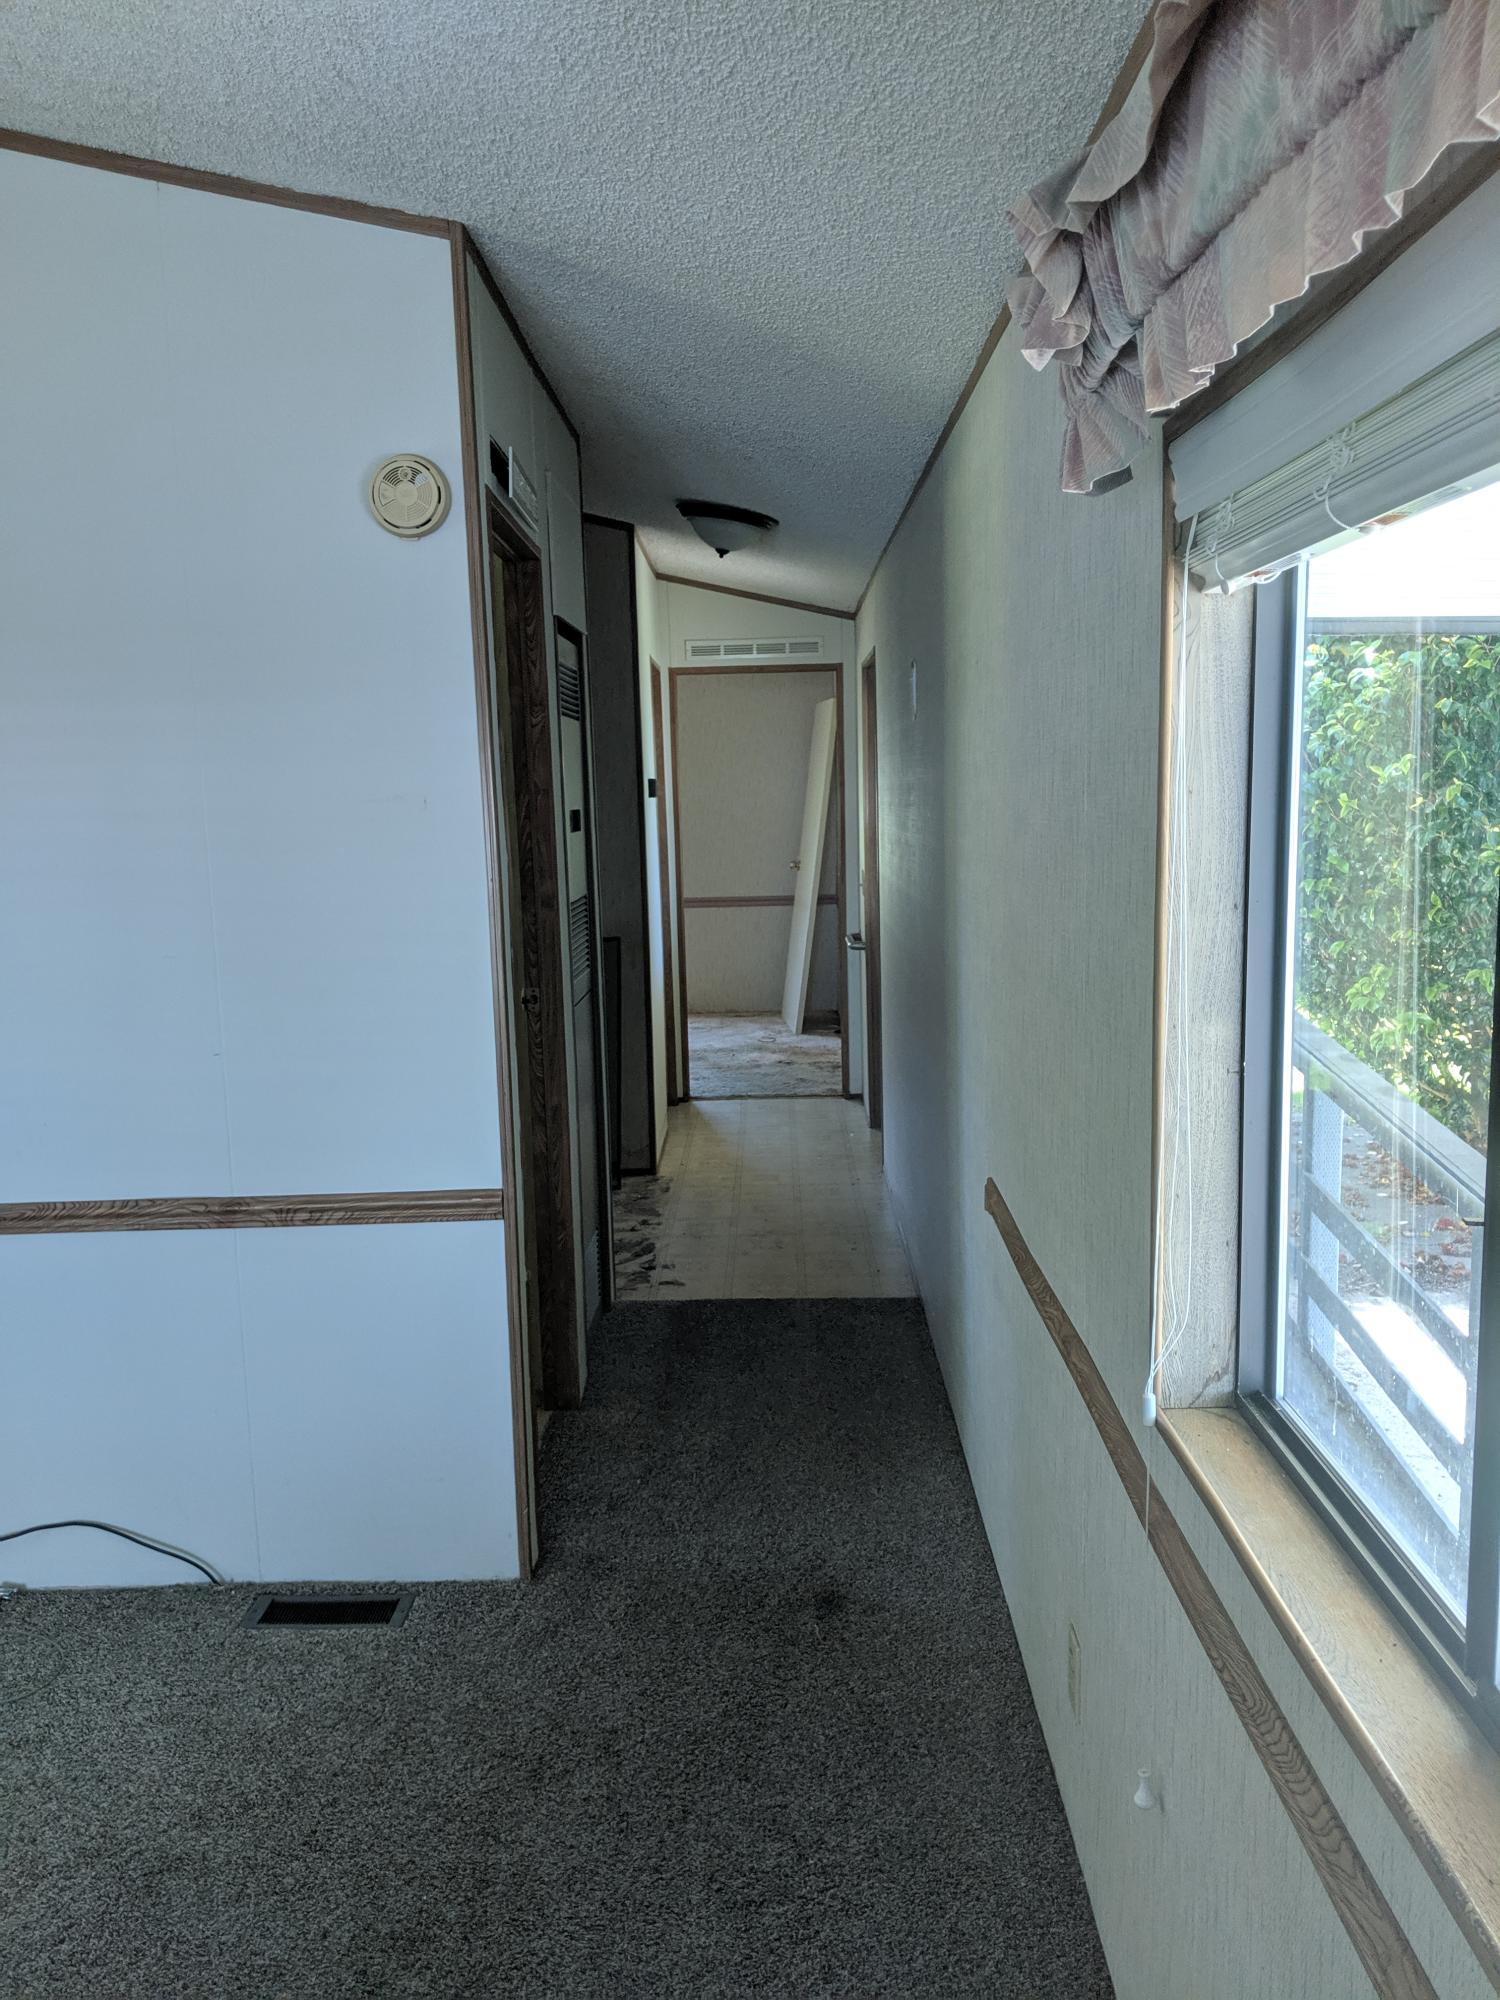 2192 Palomino Lane, Arcata, CA 95521 (MLS# 253880)   on